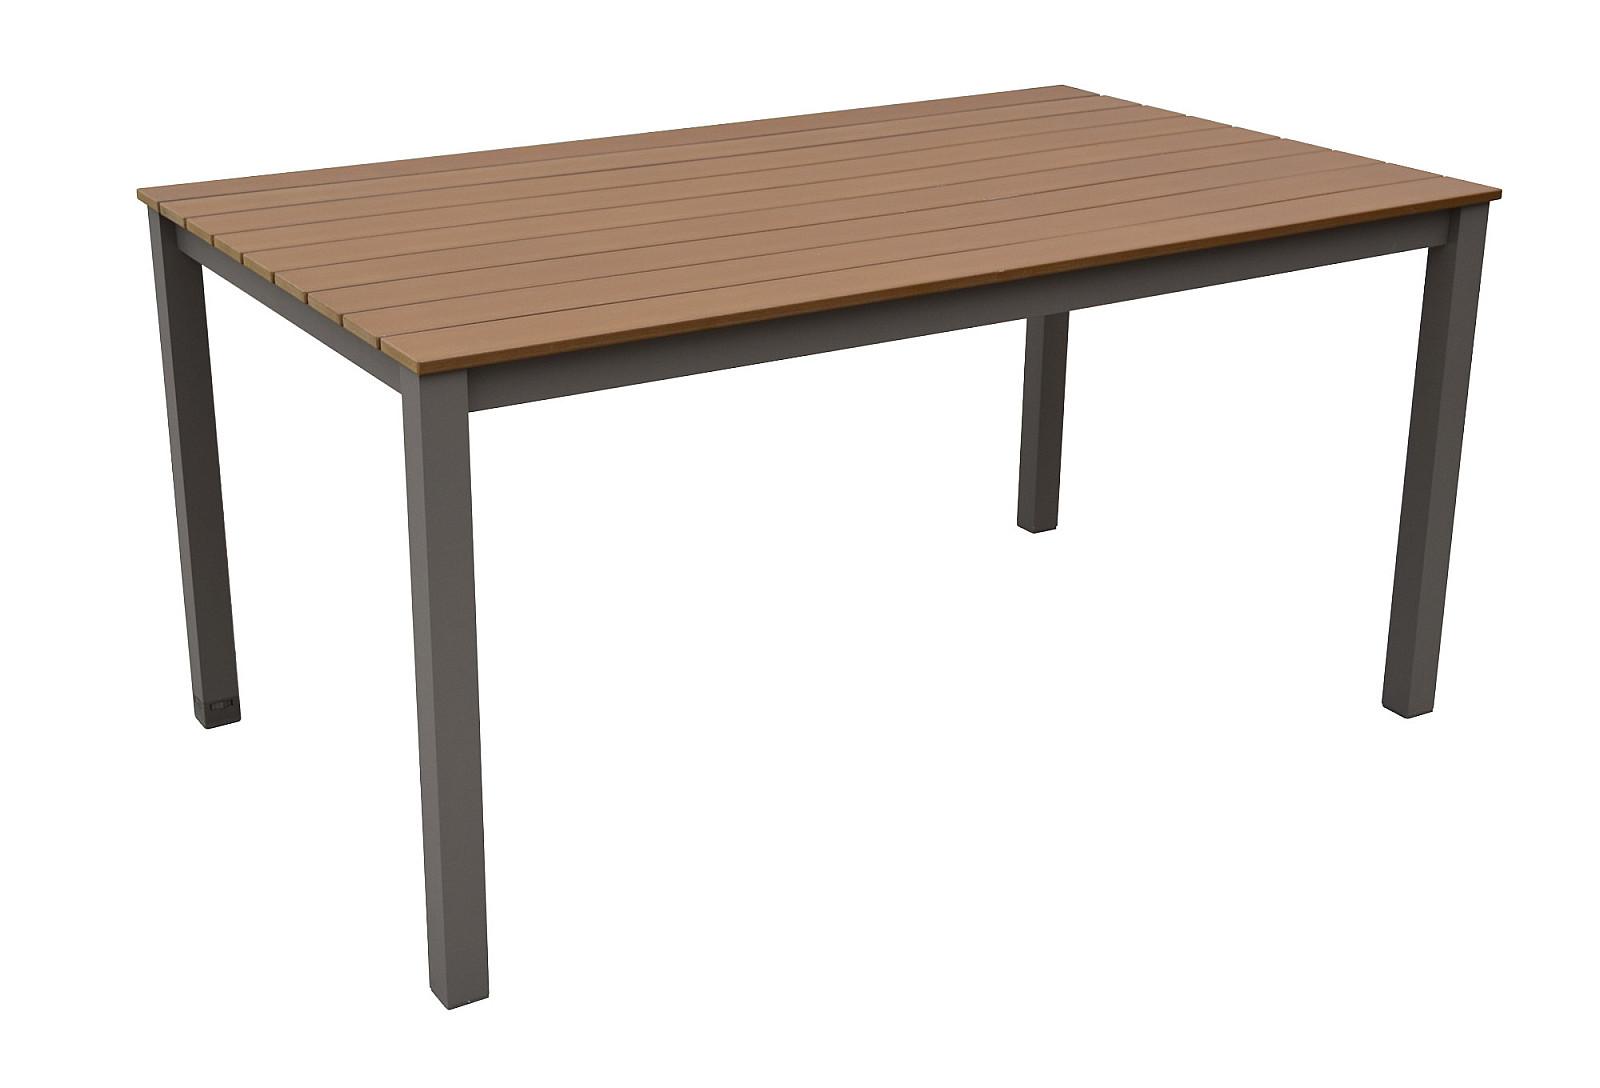 Záhradný ratanový stôl CALVIN 150x90 cm (hnedá)